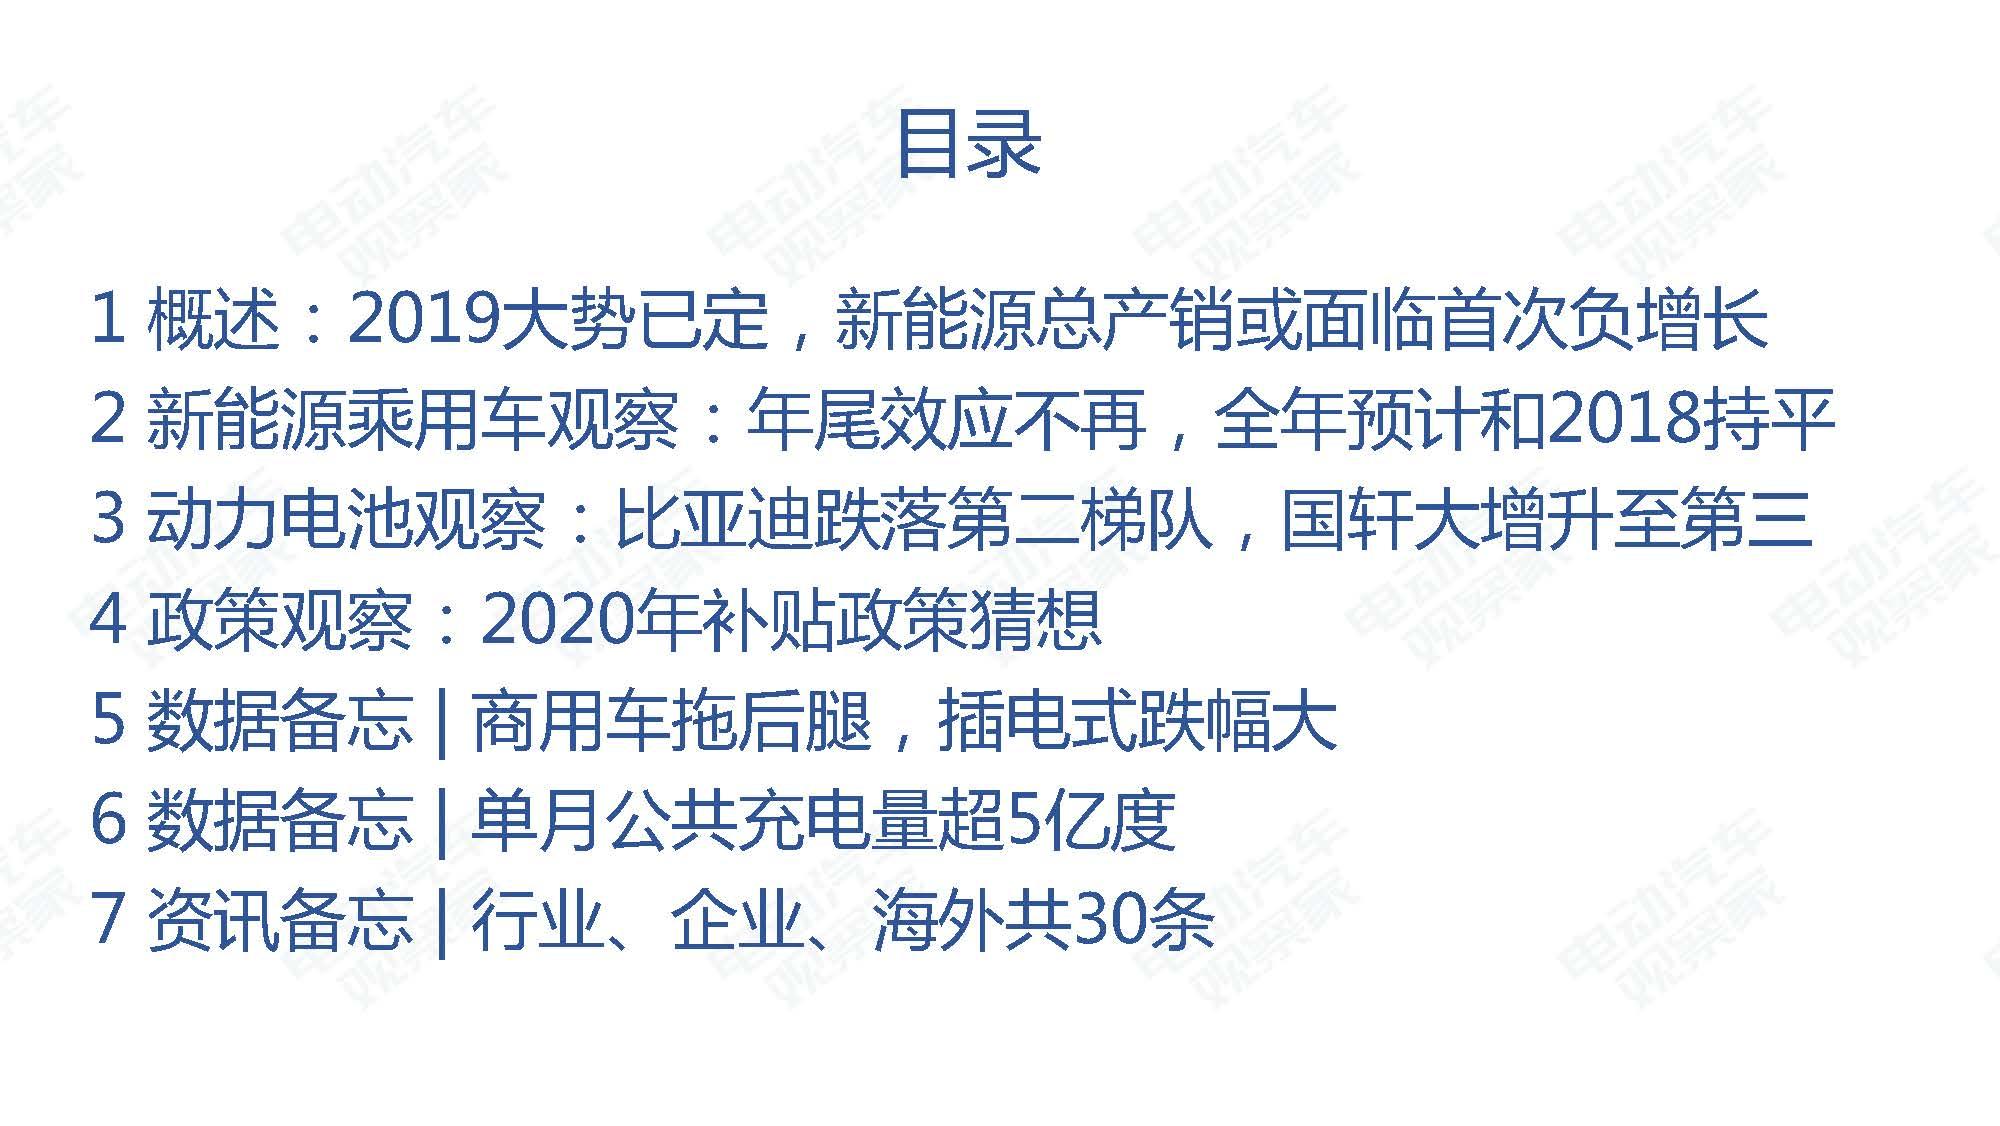 2019年11月中国新能源汽车产业观察_页面_003